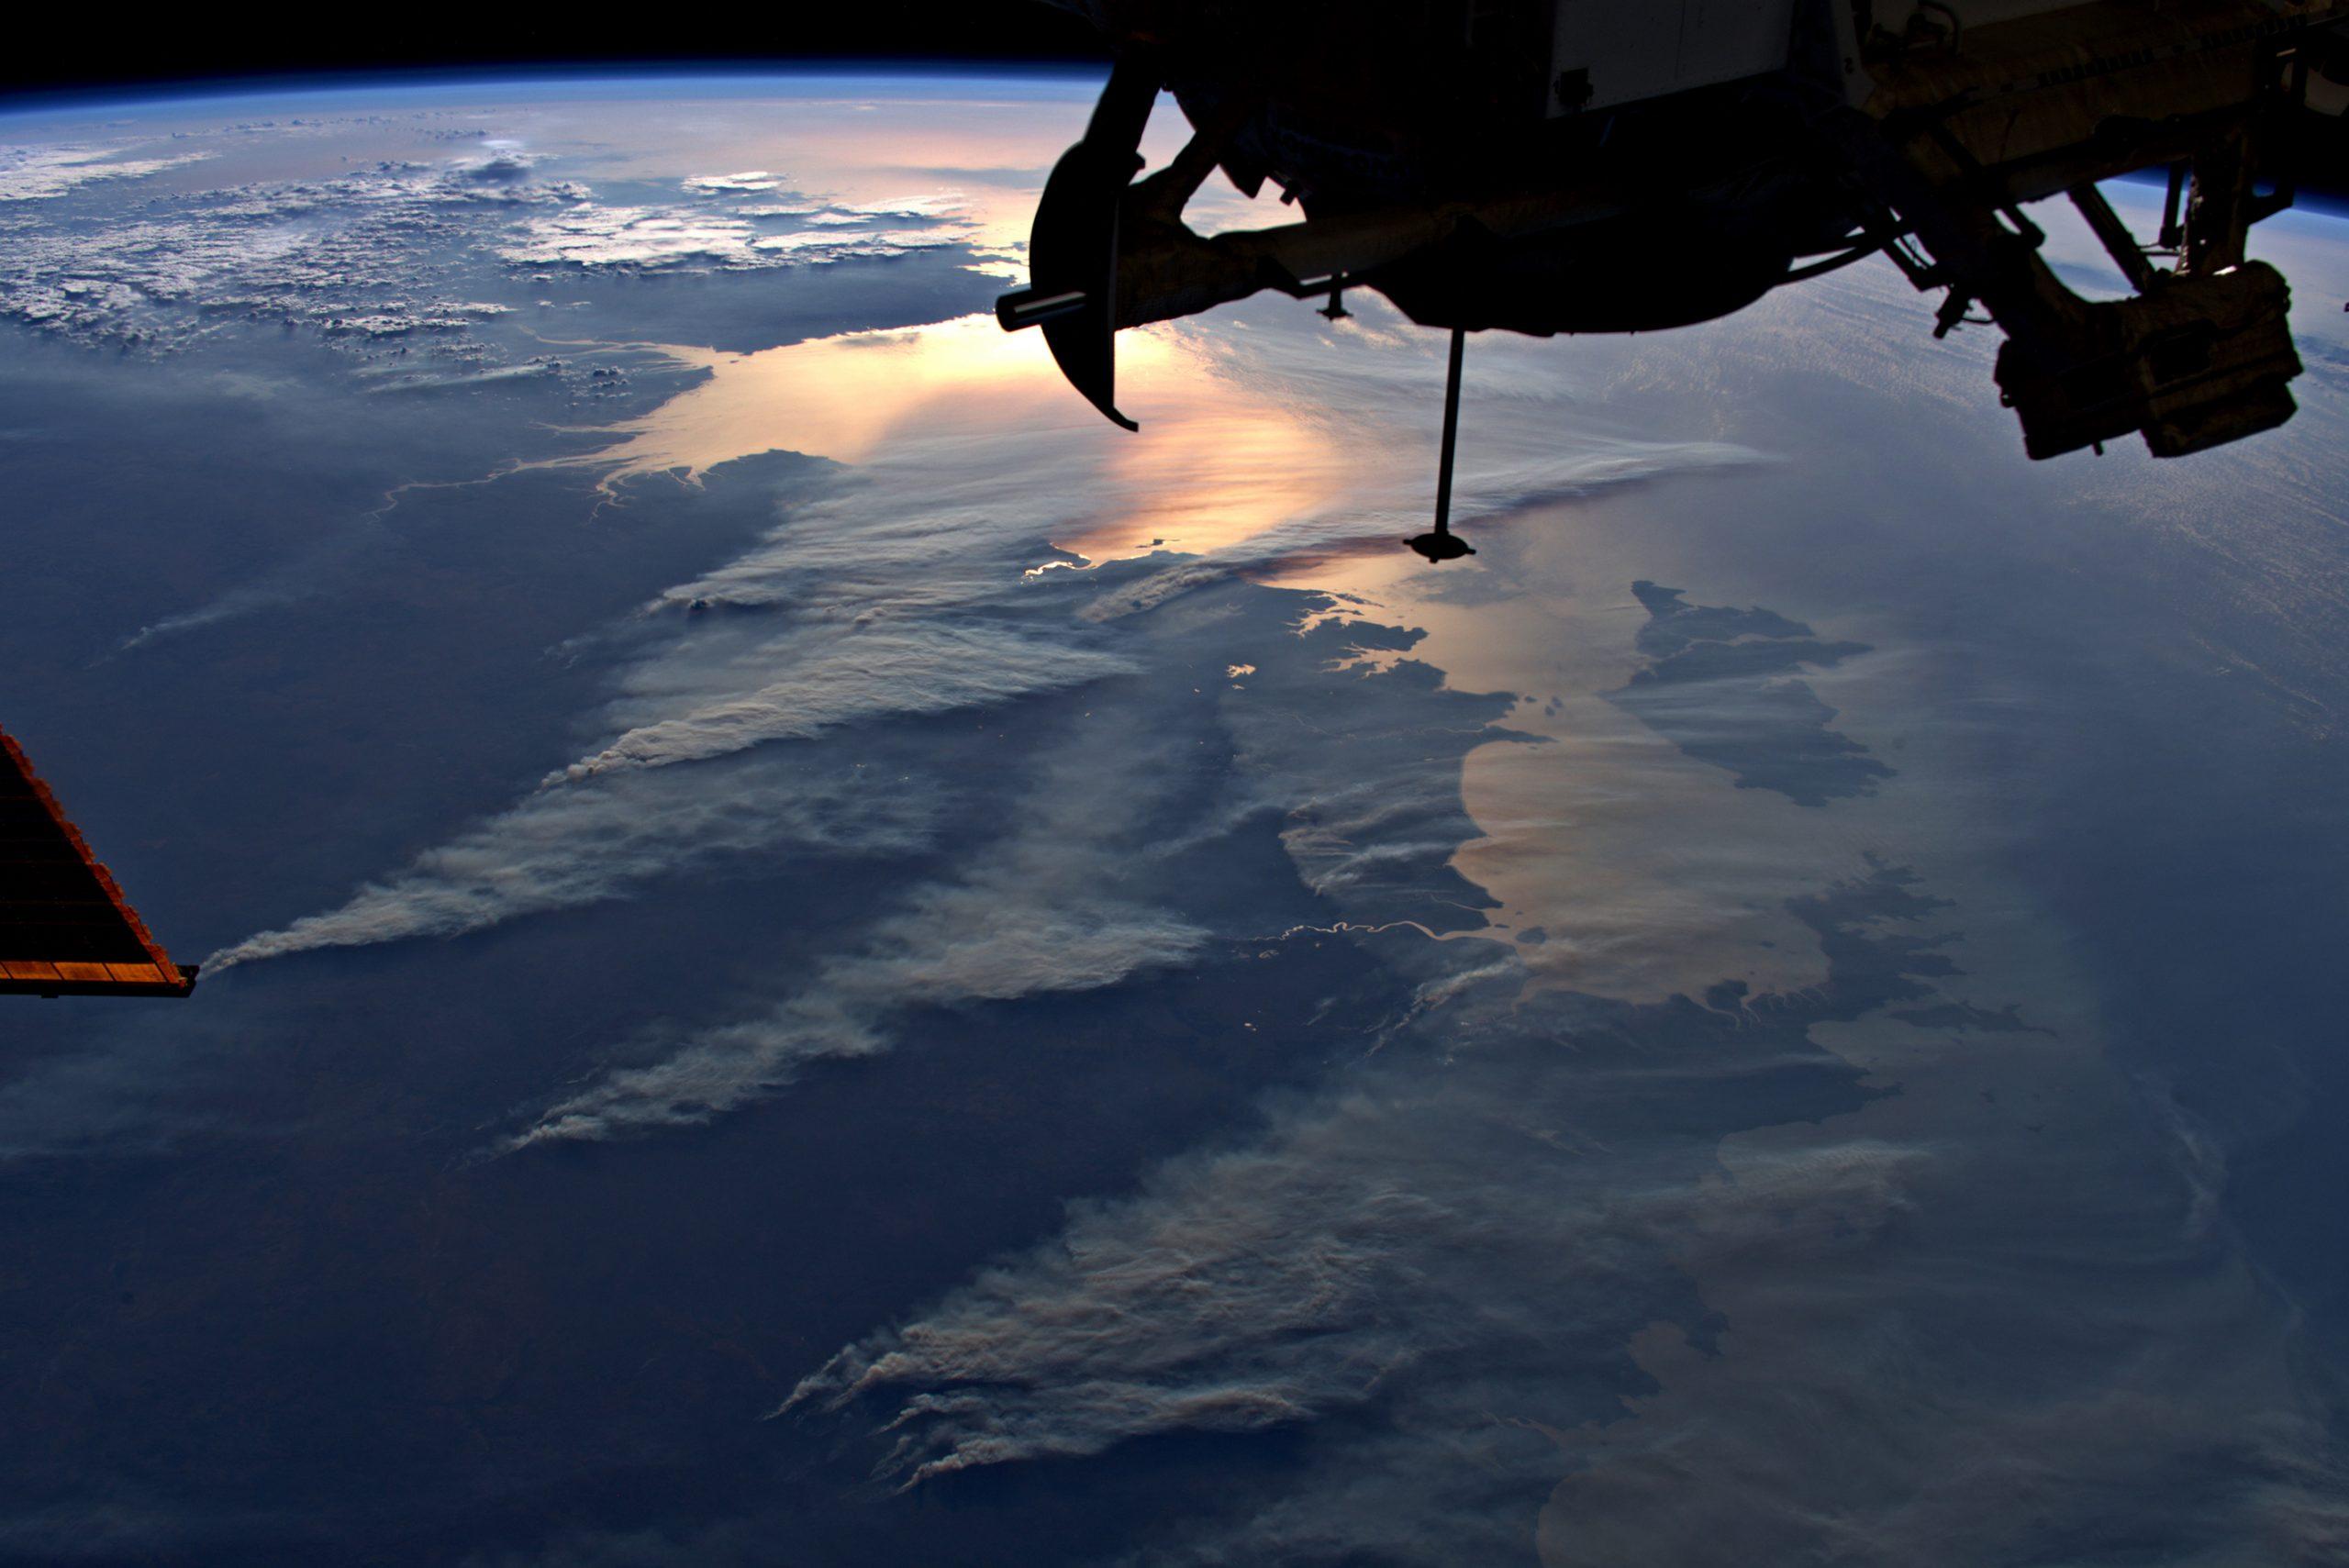 Les incendies en Australie observés depuis l'ISS